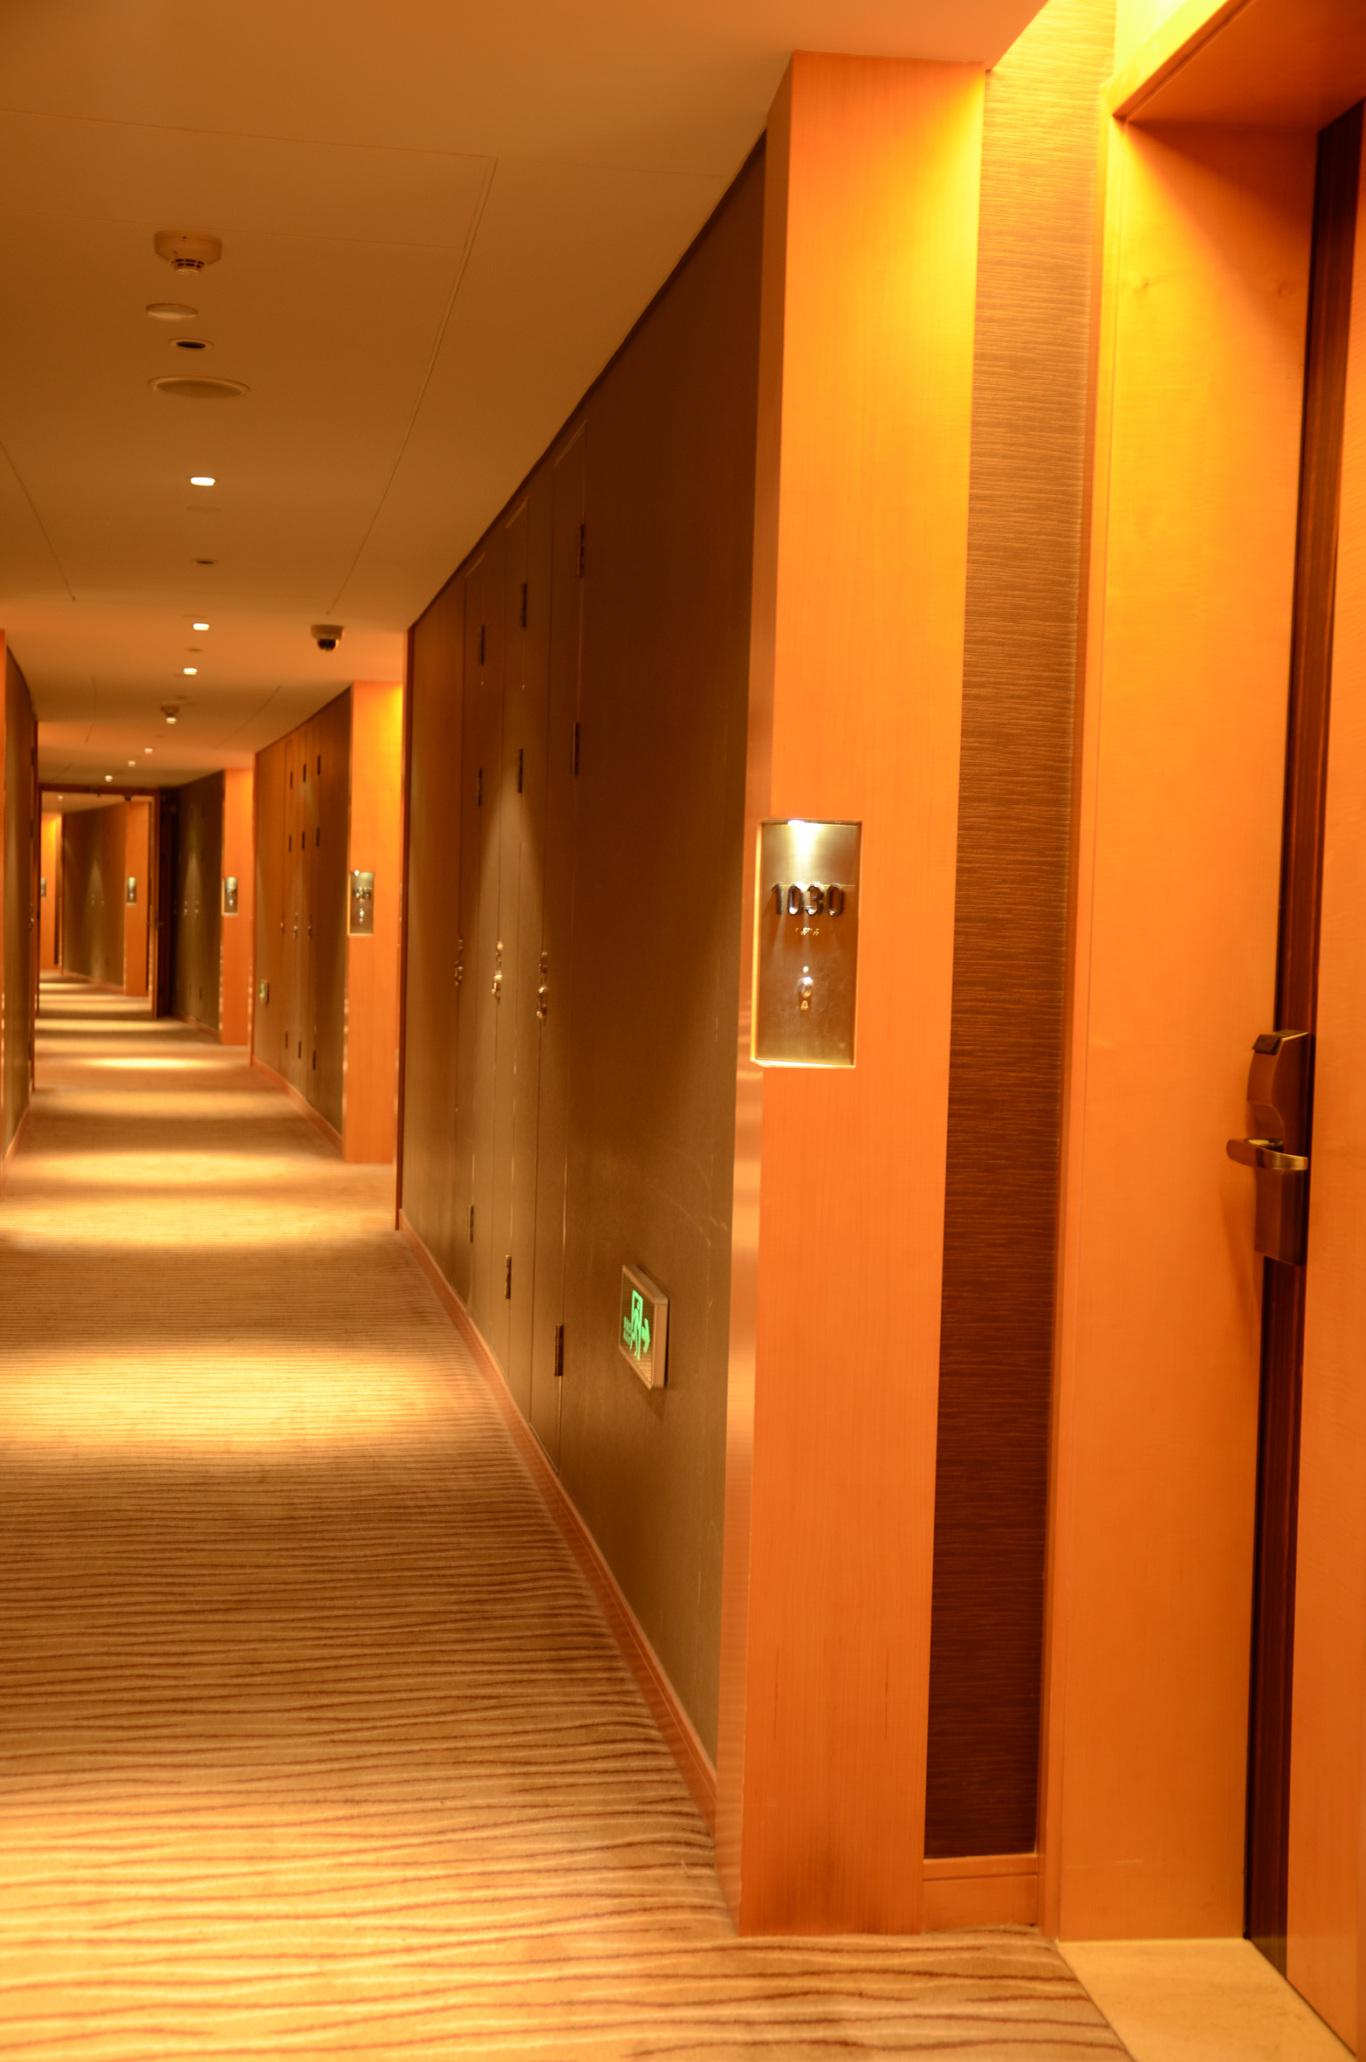 南京希尔顿酒店标识系统设计图12